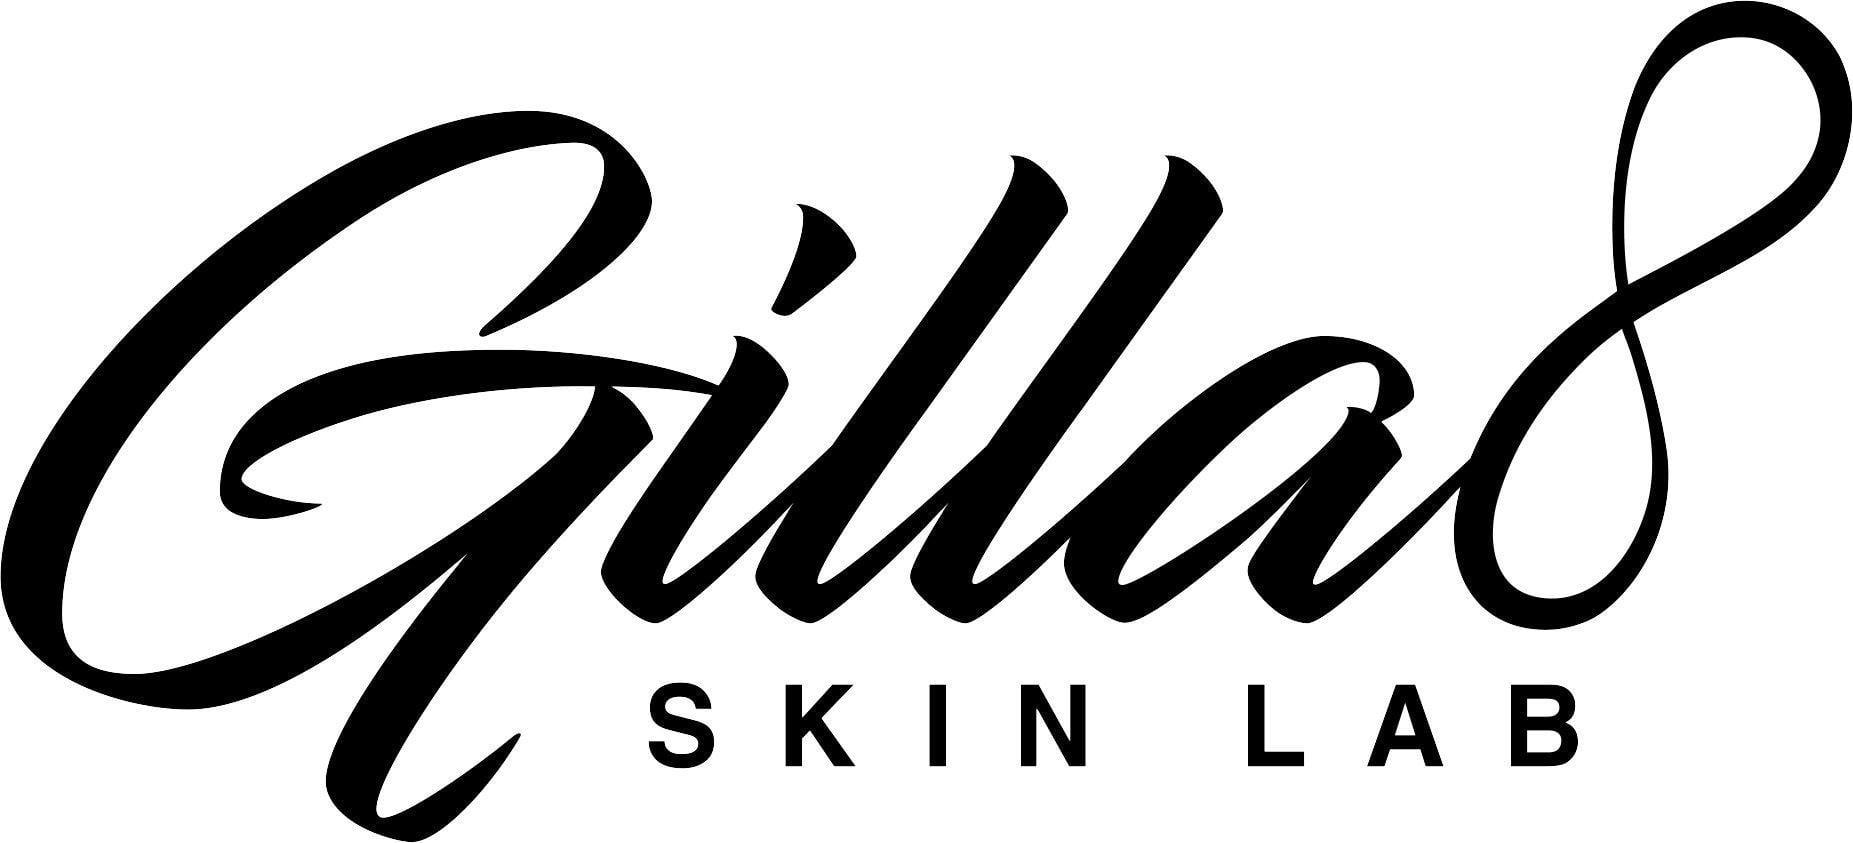 Gilla8 là thường hiệu thuần chay có xuất xứ từ Hàn Quốc (Nguồn: Internet).